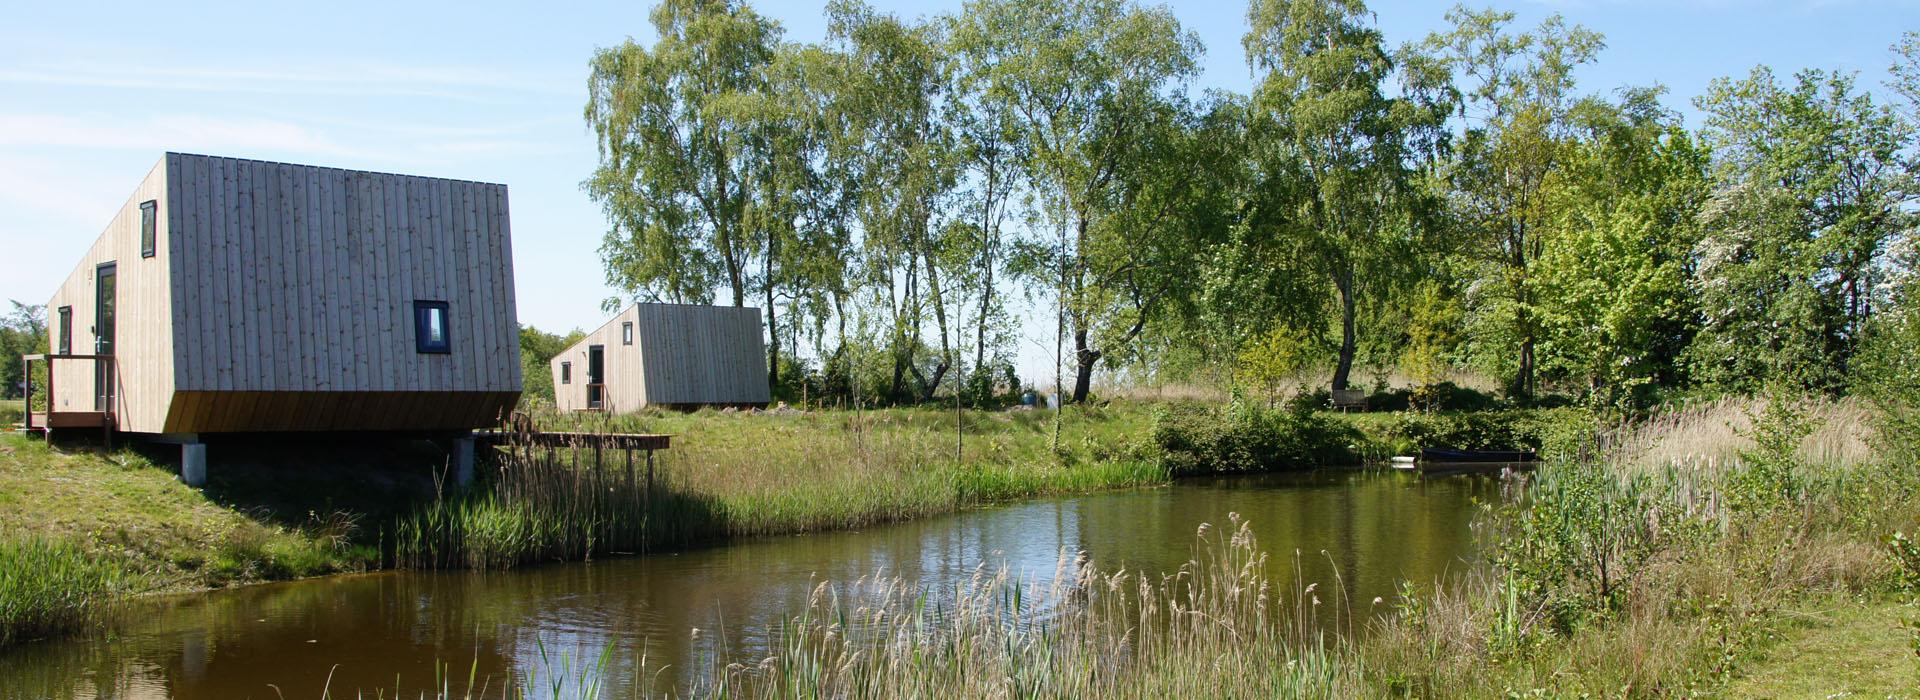 vakantie - friesland - vakantiepark - Ljeppershiem - tiny house-natuurhuisje reserveren